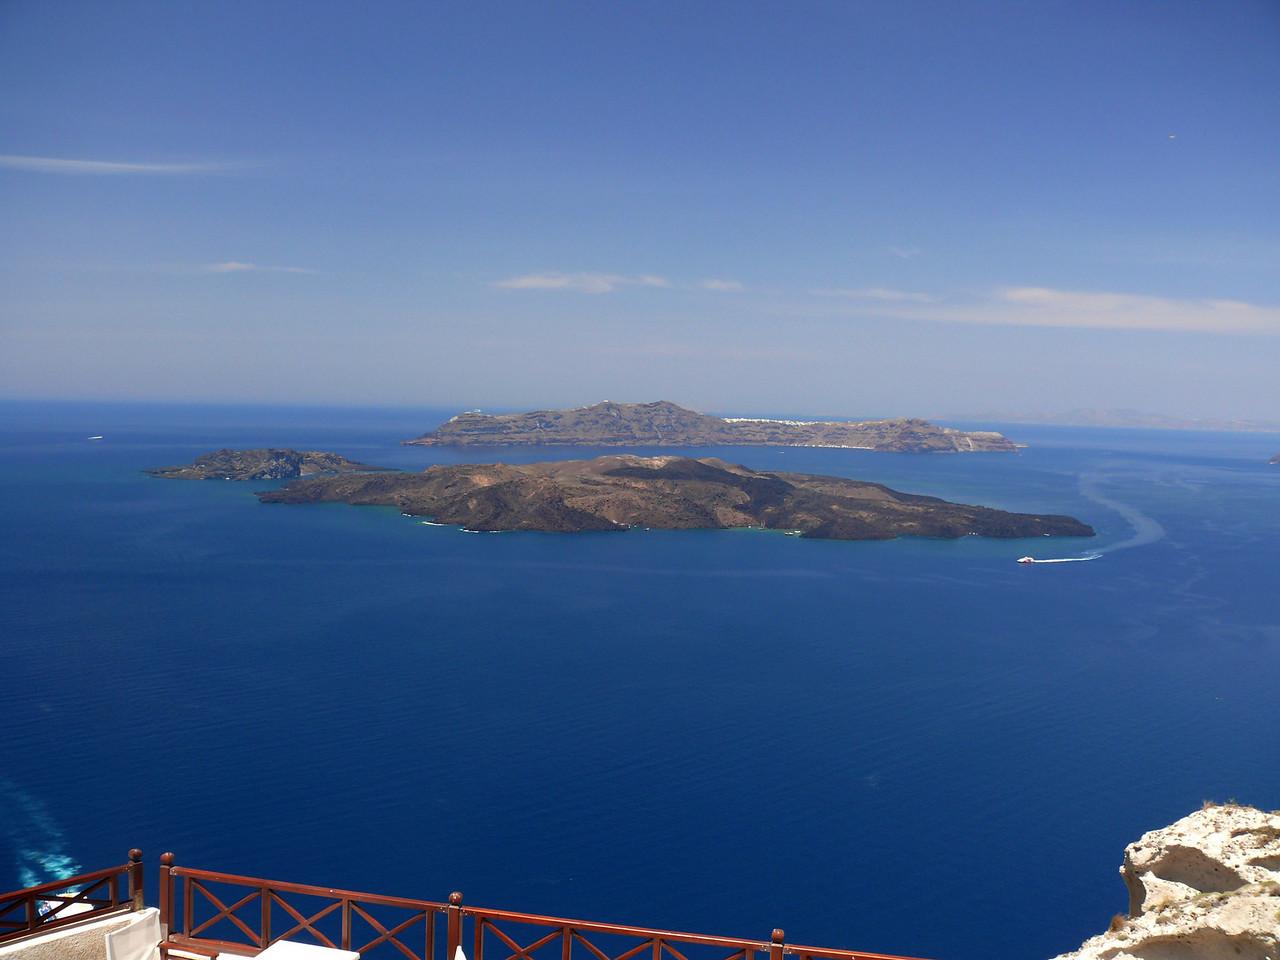 103_405 Greece Santorini